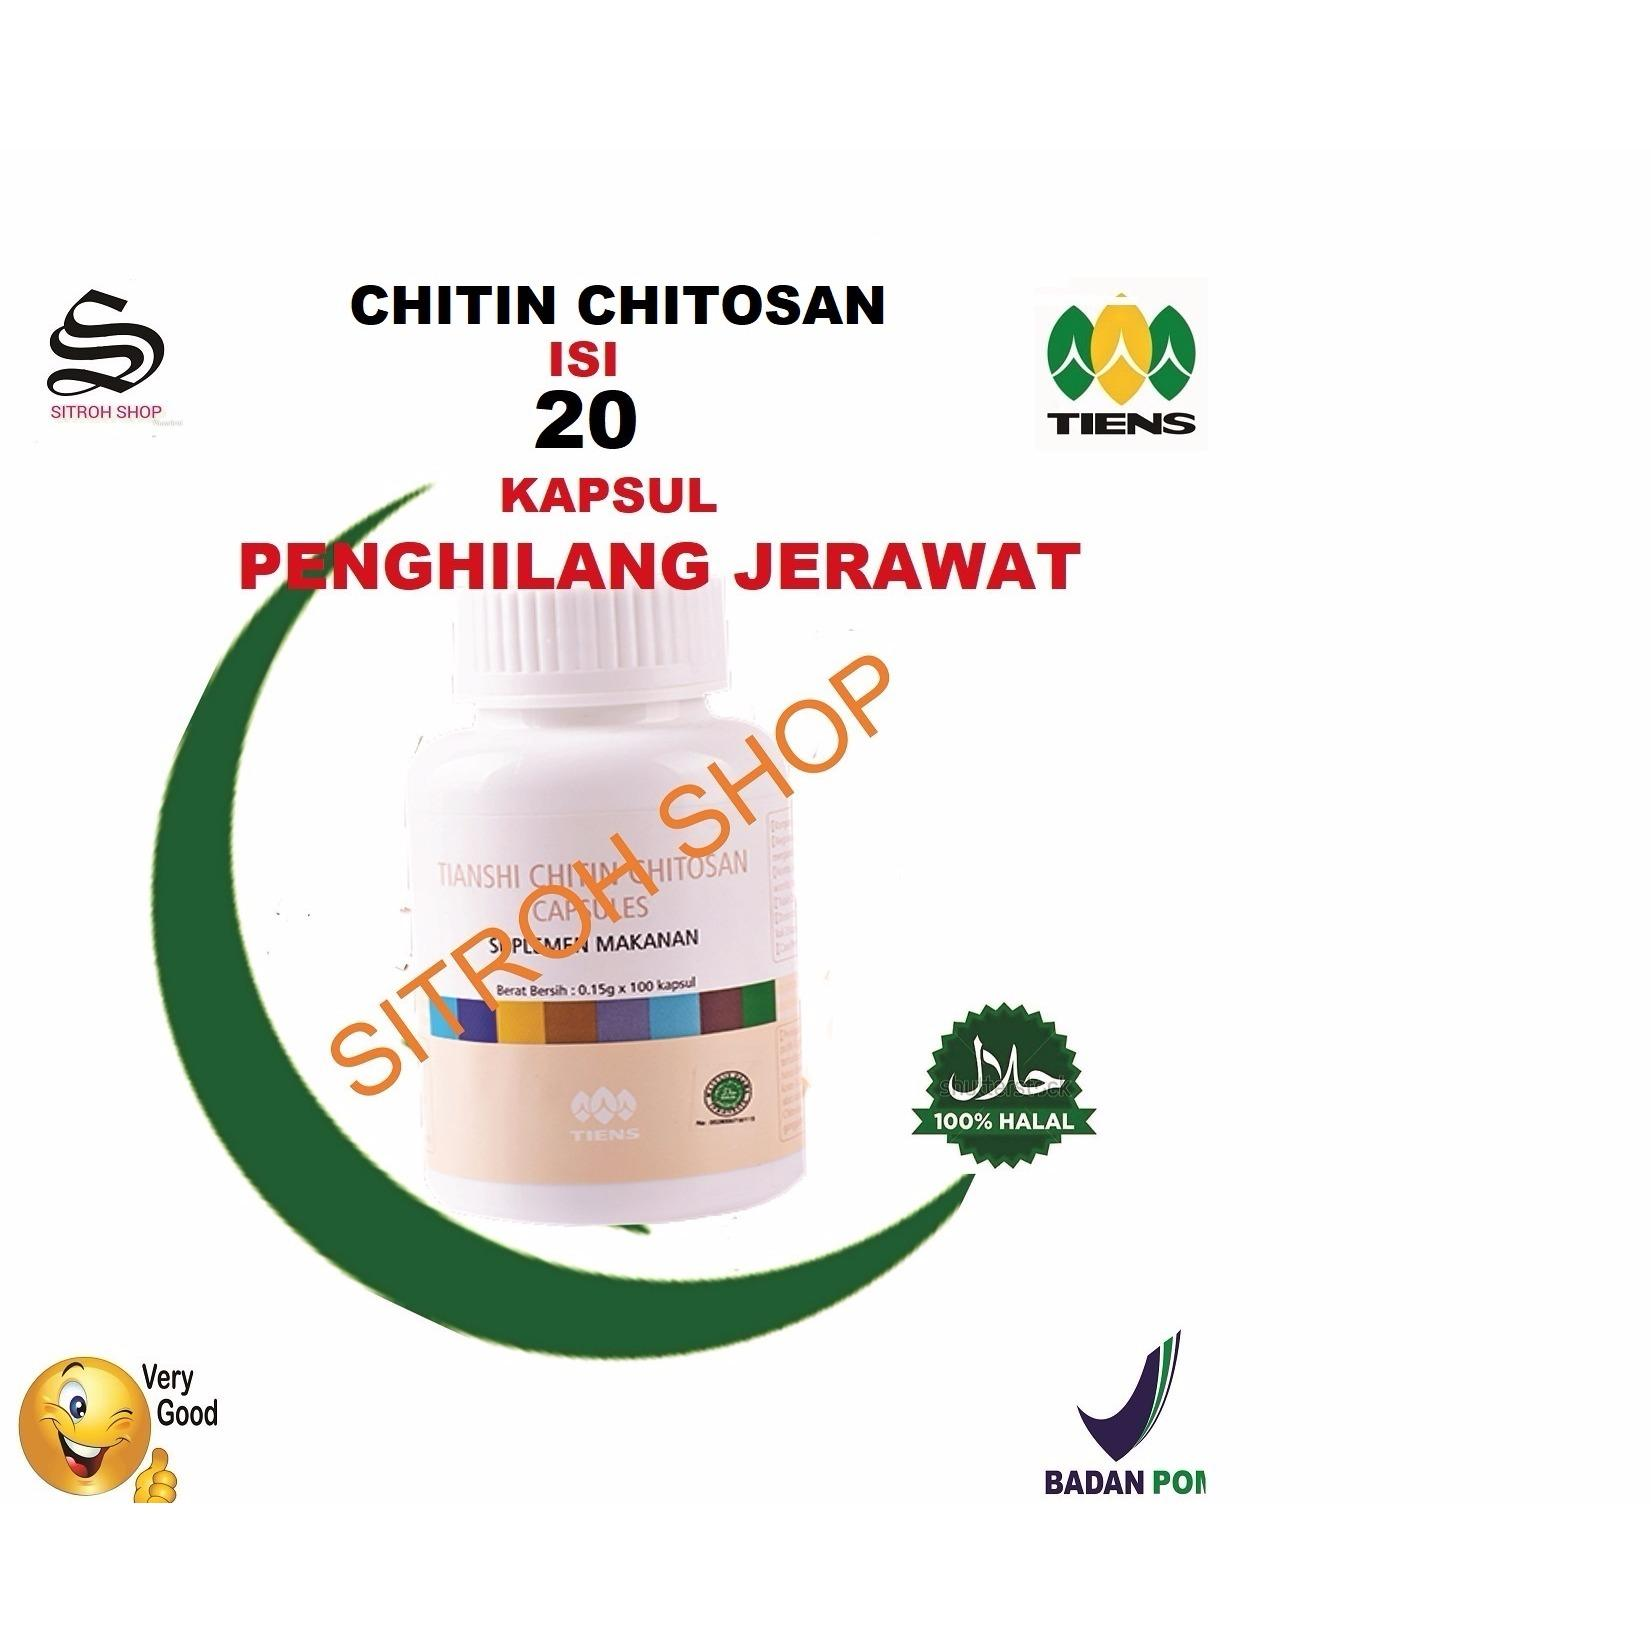 tiens masker wajah chitkin chitosan membantu masalah wajah isi 20 free kuas cantik kapsul by SITROH